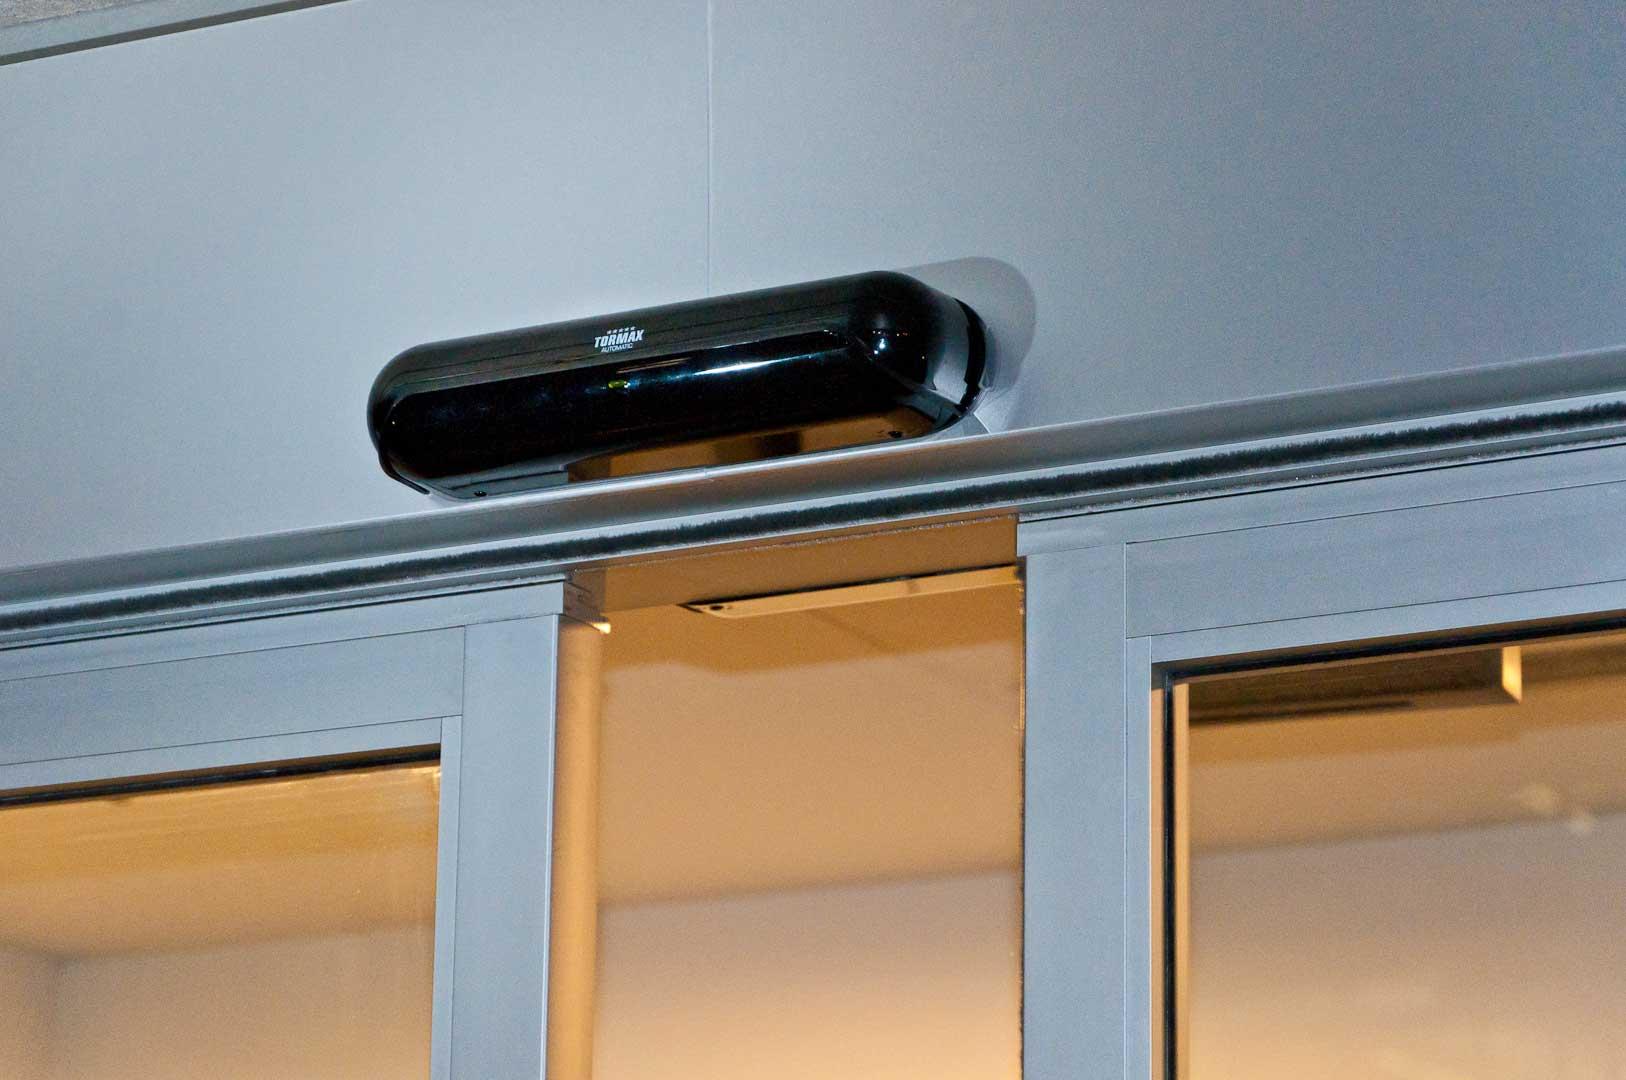 Tormax Automatic Door Sensor mounted above a TX9300